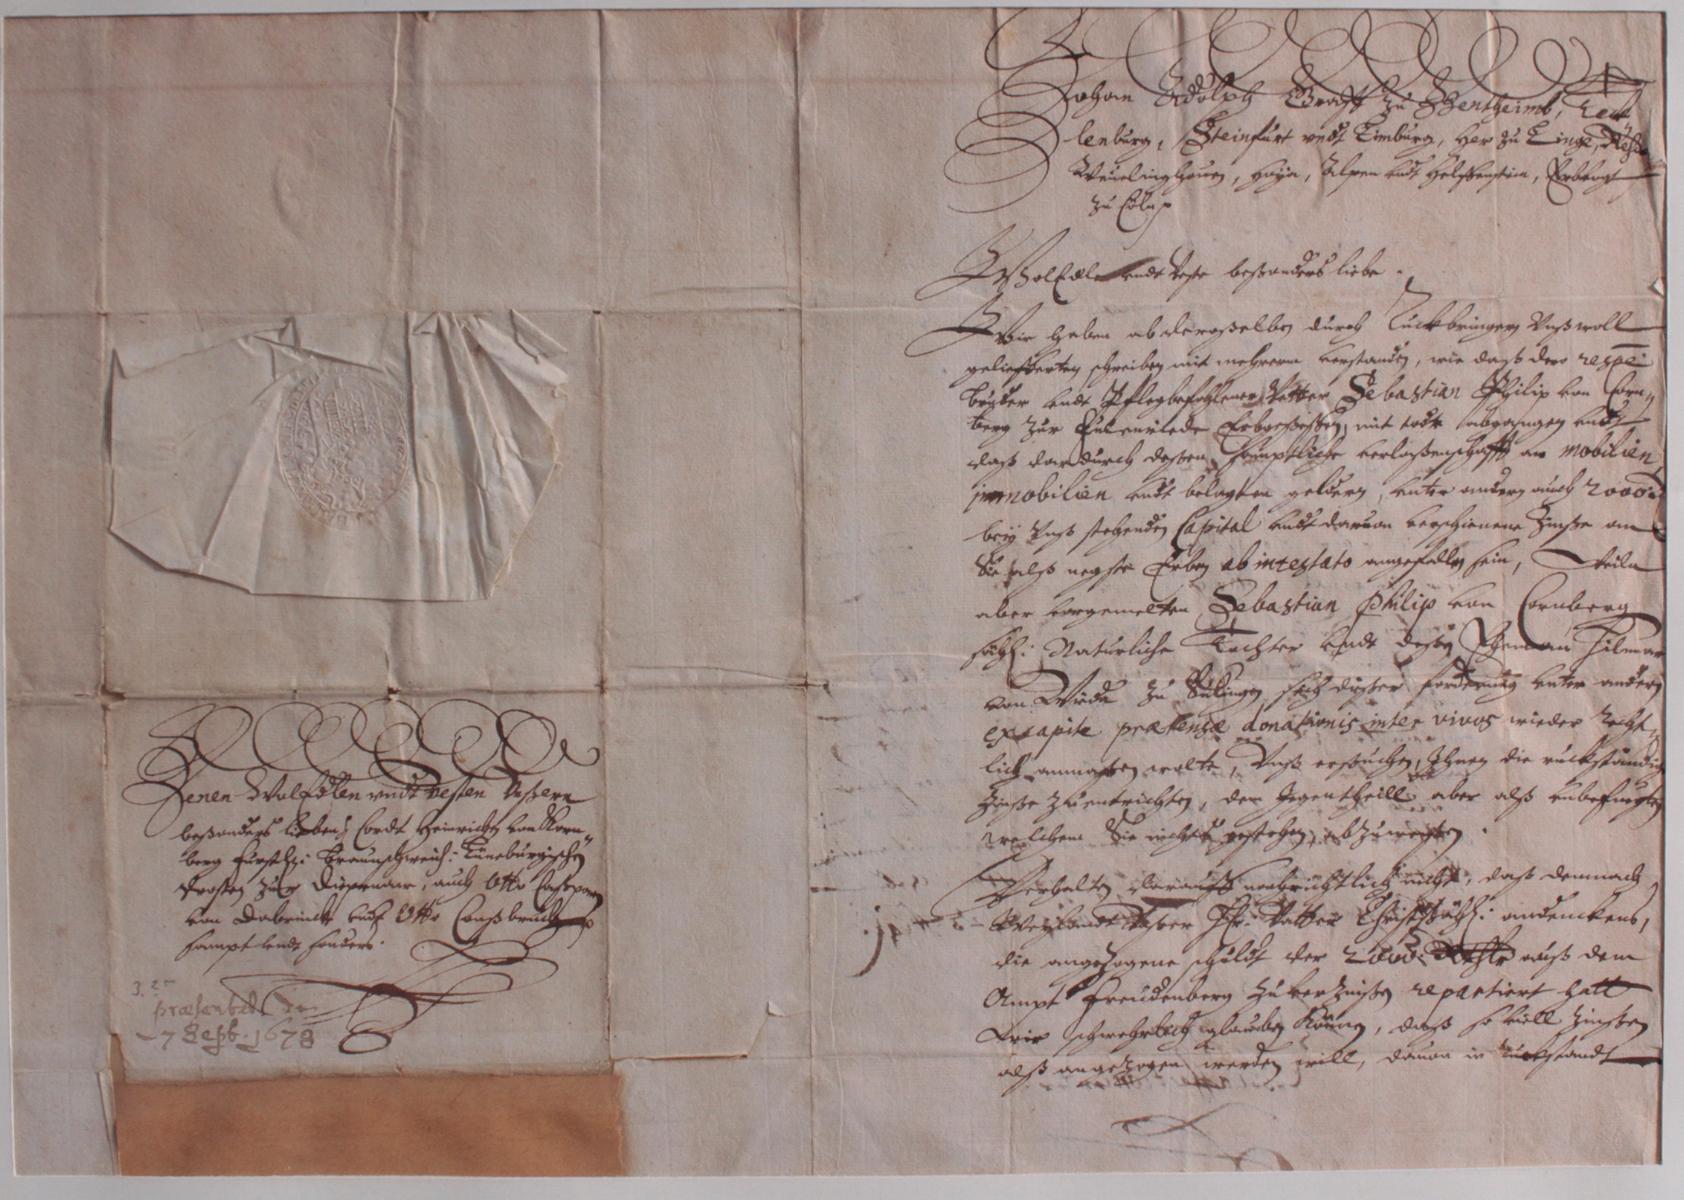 Samlung Altbriefe, Vorphilatelie, Meisterbrief und Dokumente-5